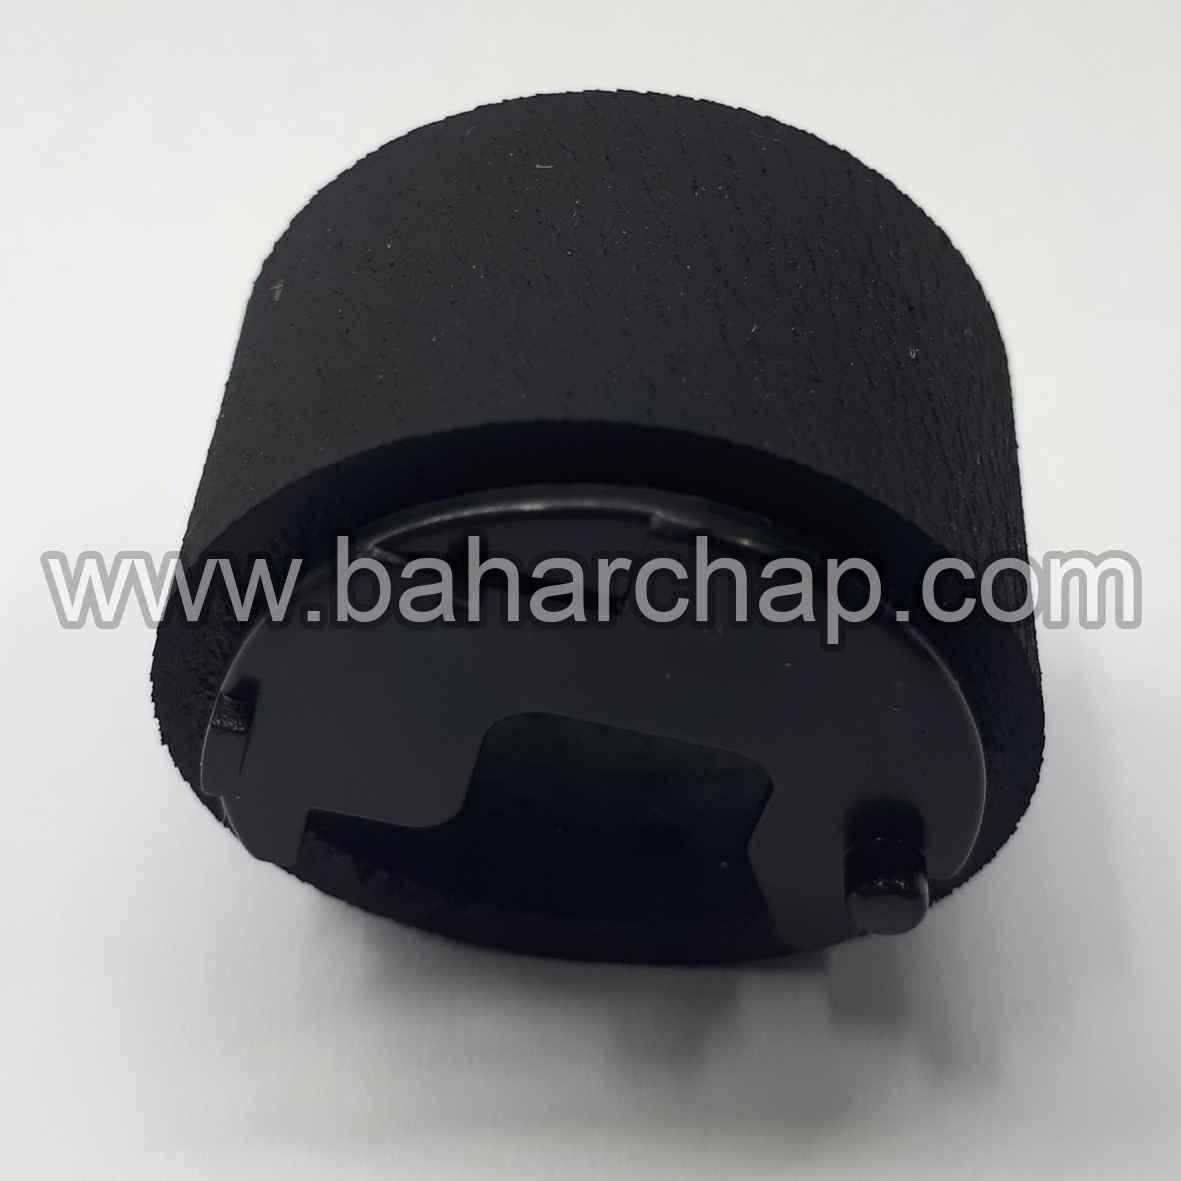 فروشگاه و خدمات اینترنتی بهارچاپ اصفهان-کاغذکش بایپس HP2035-BYPASS TRY PICKUP HP 2035